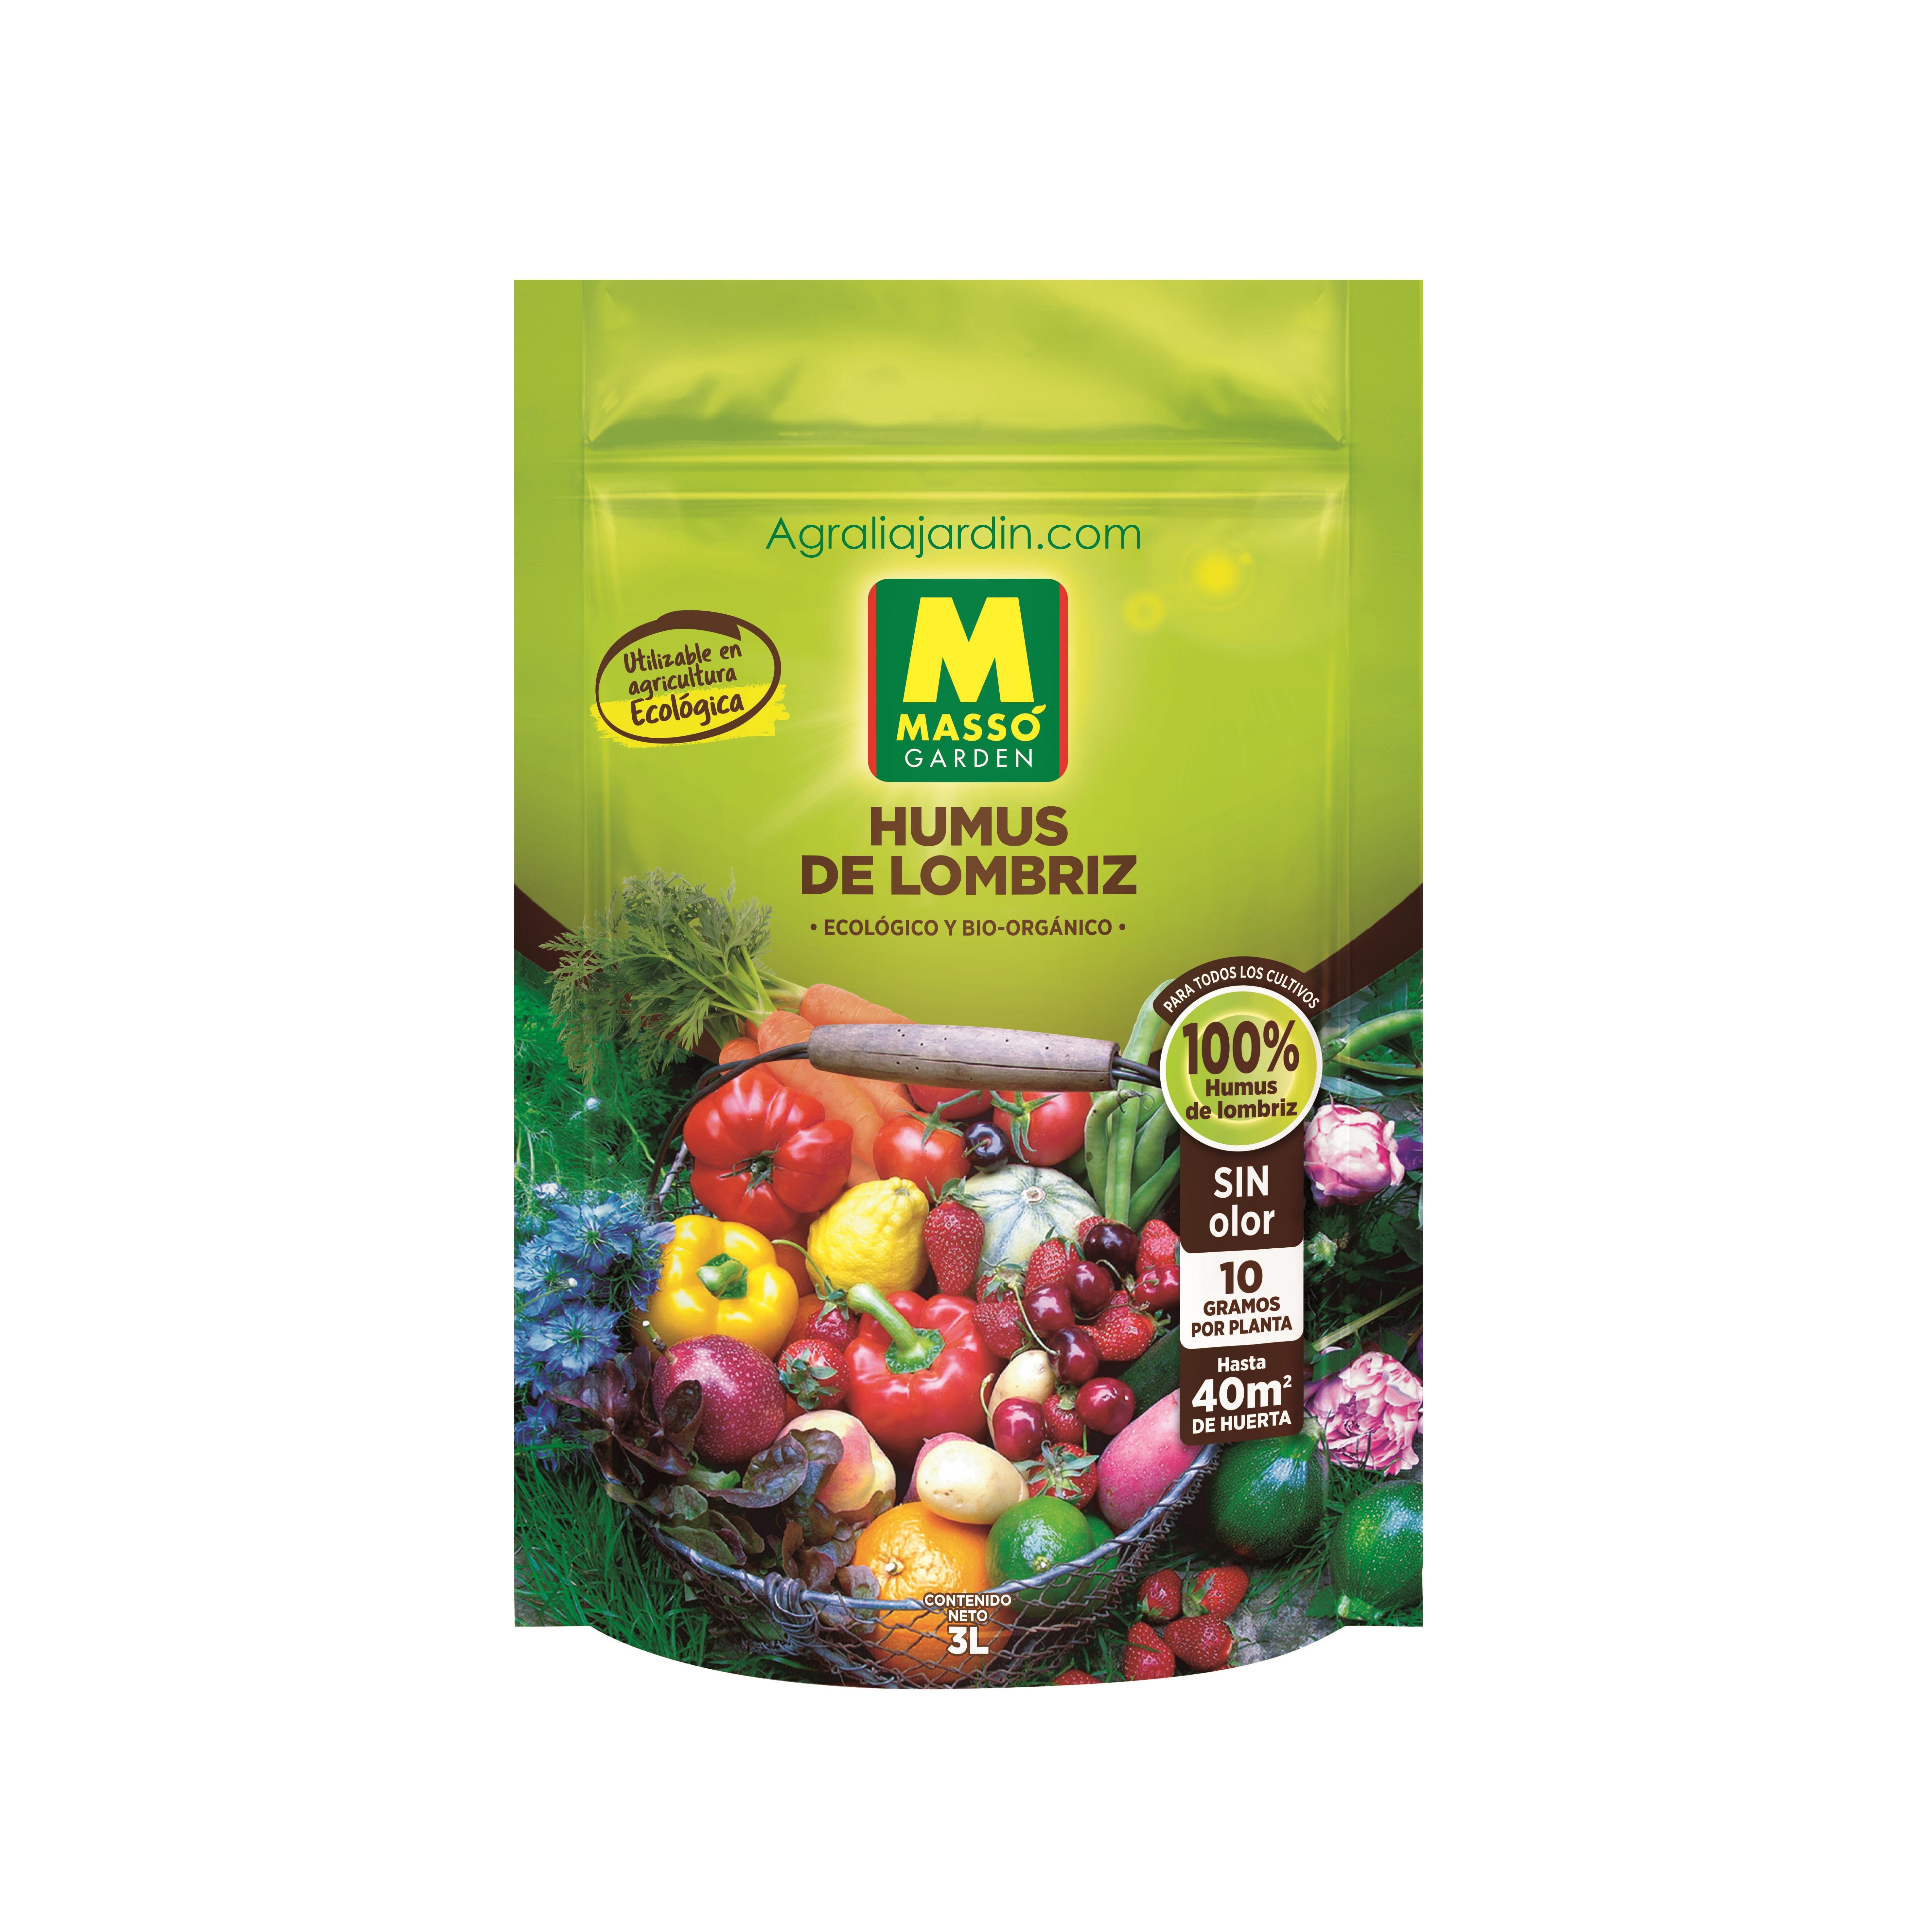 Massó Garden Humus de Lombriz 3 L agralia online (1)